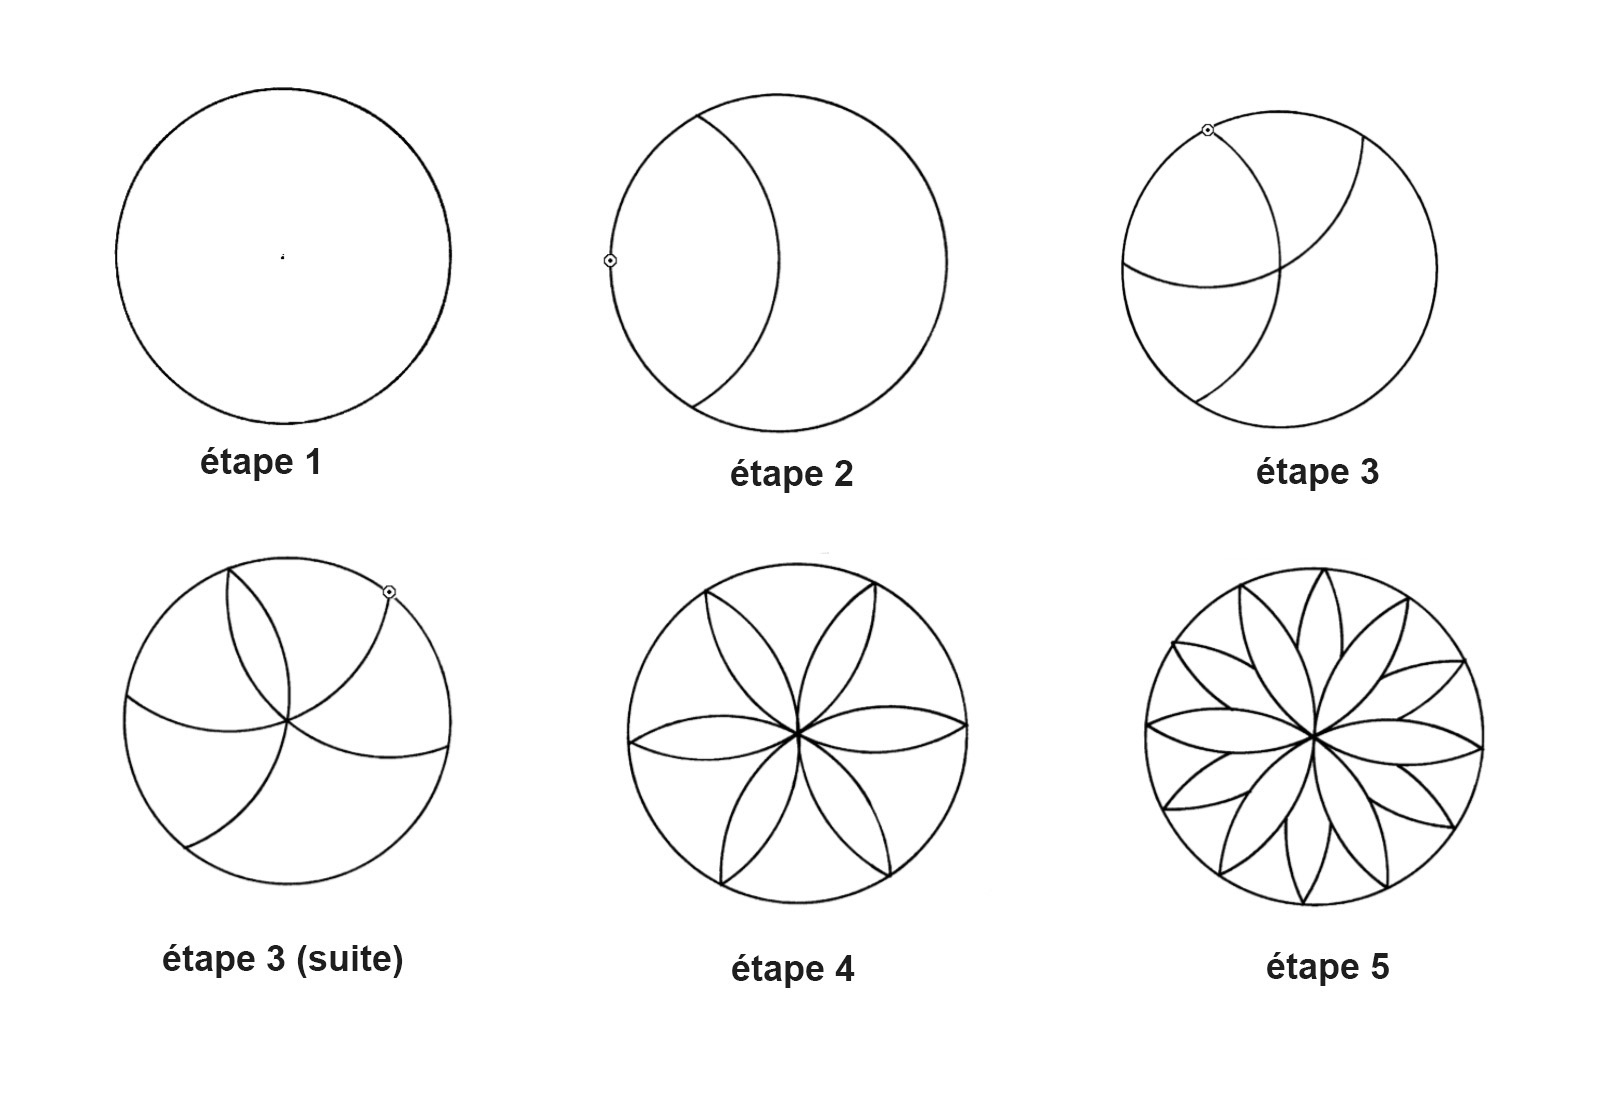 Apprendre : Les Rosaces - Family Sphere - Garde D'enfants À concernant Image De Rosace